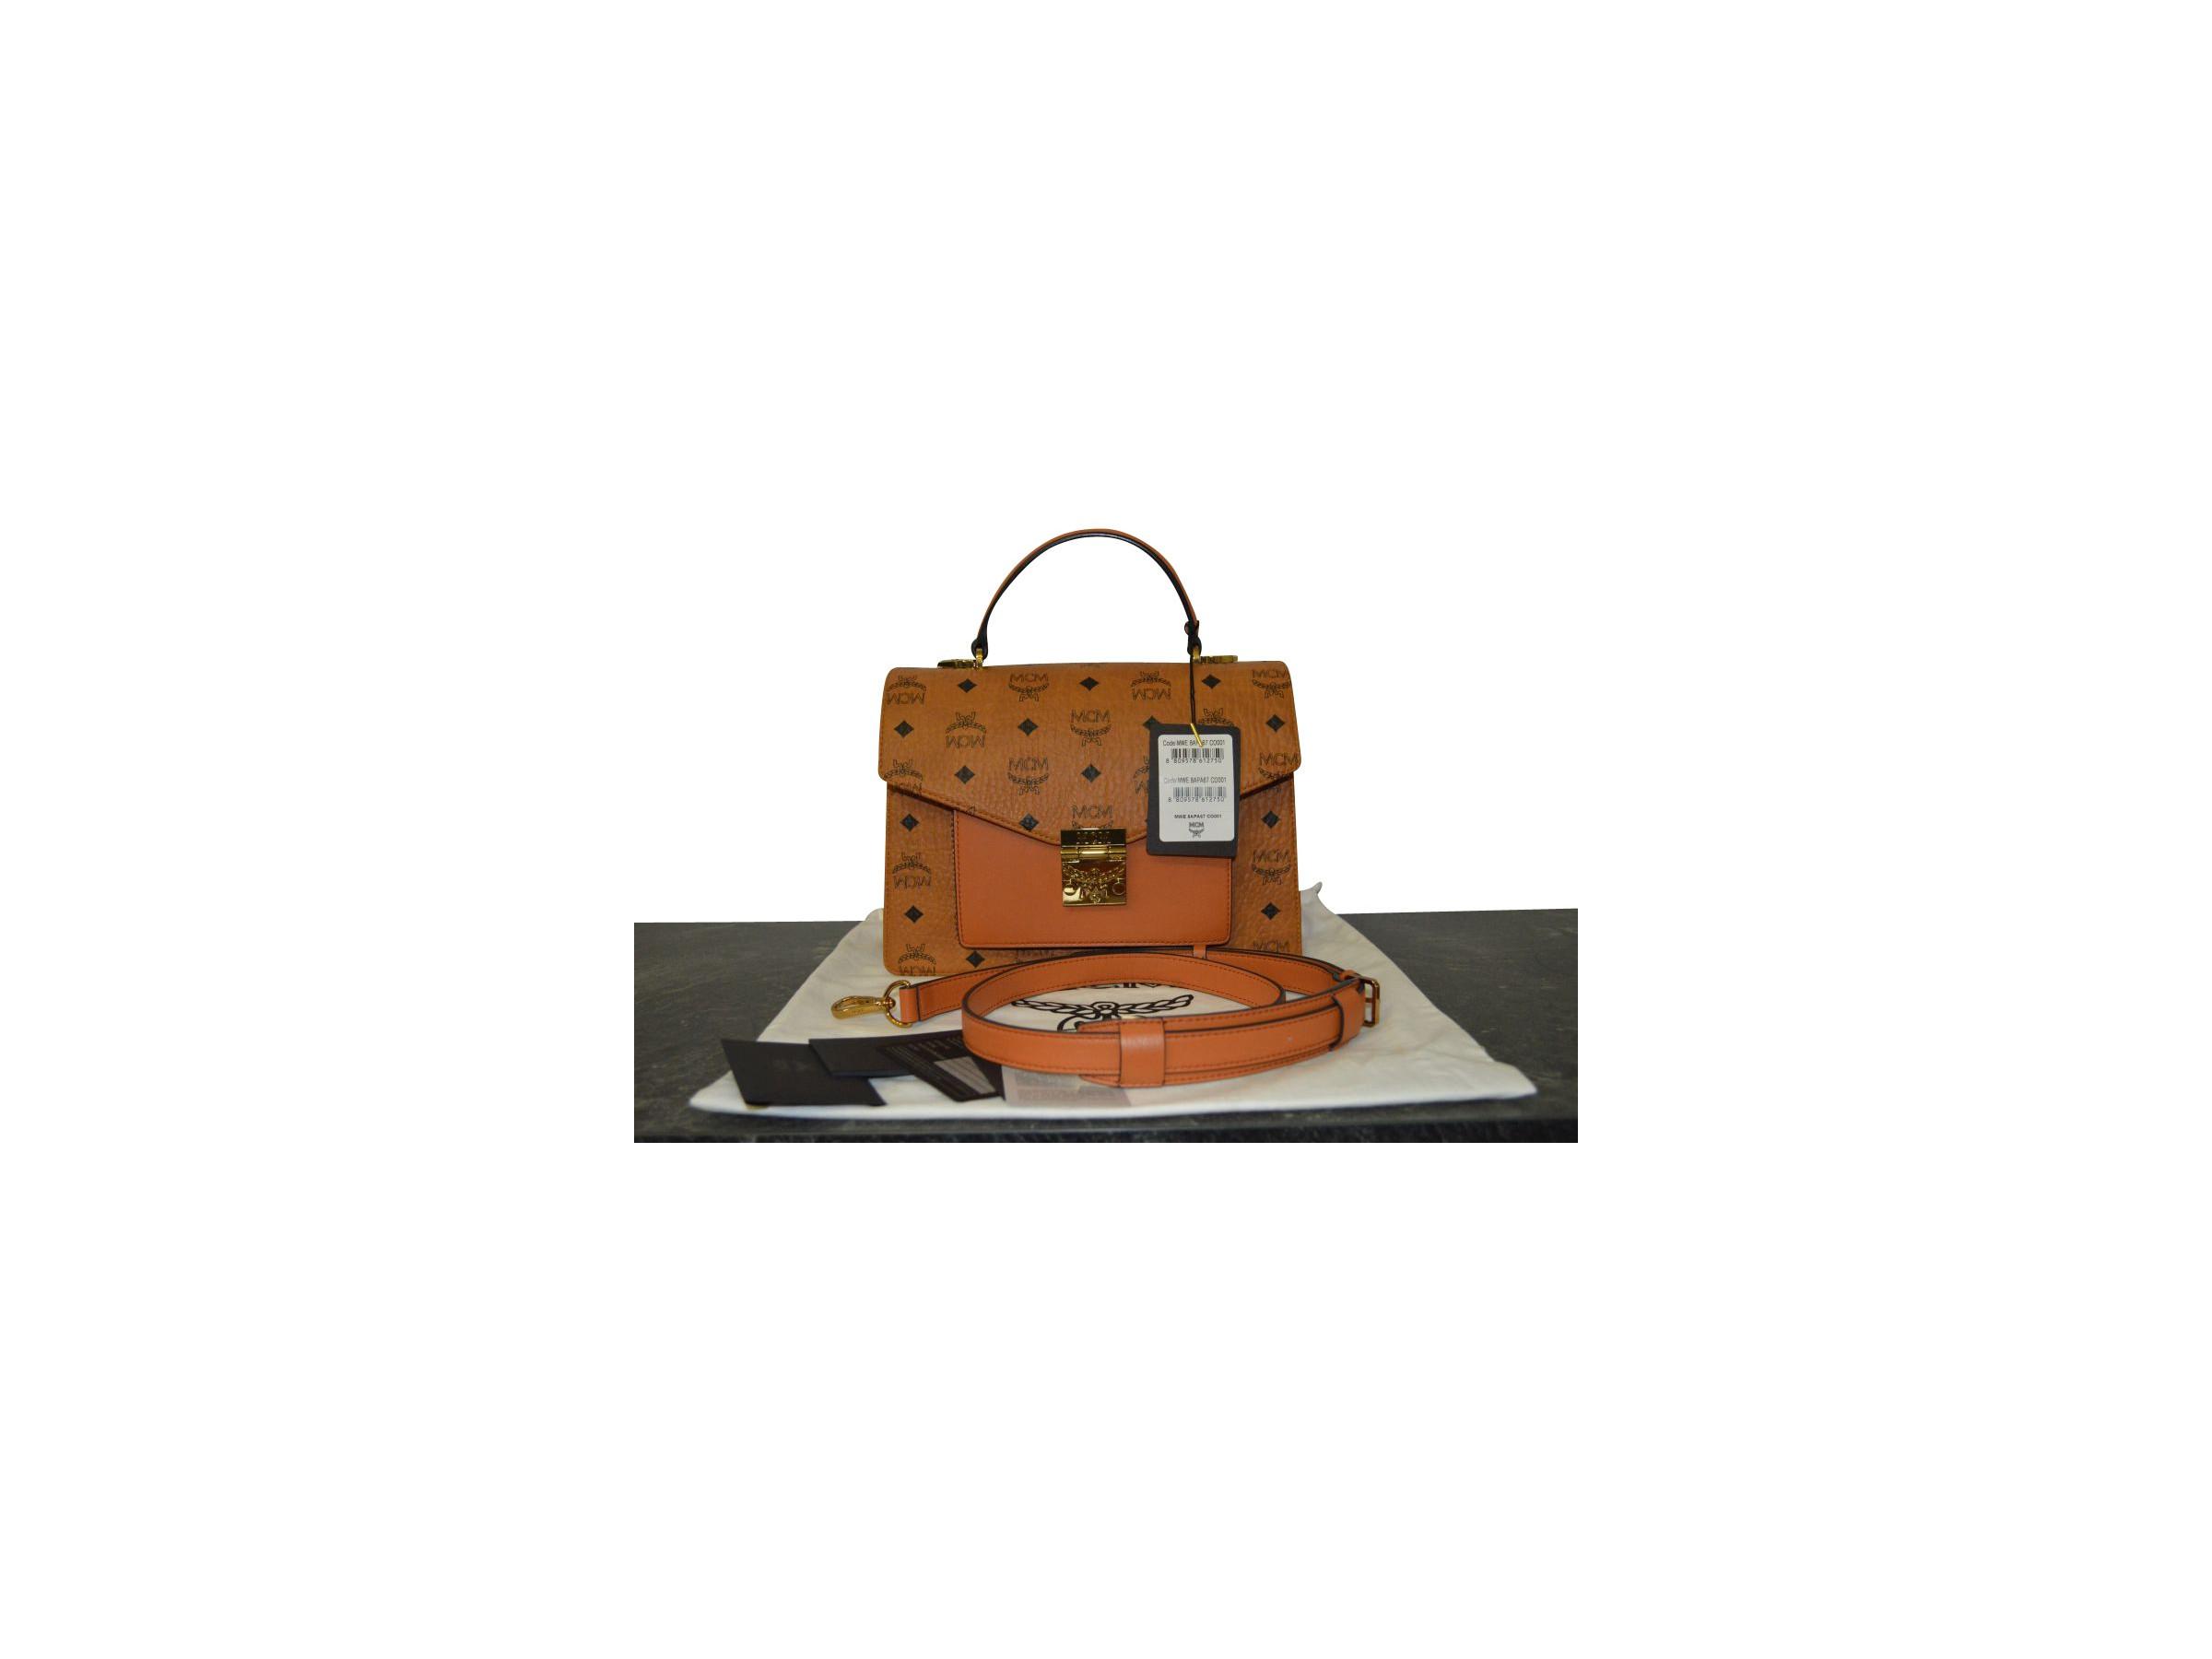 VERKAUFT MCM Tasche Handtasche Patricia Visetos Satchel Bag medium * wie NEU * NICHT getragen Bag medium * wie NEU * NICHT getragen